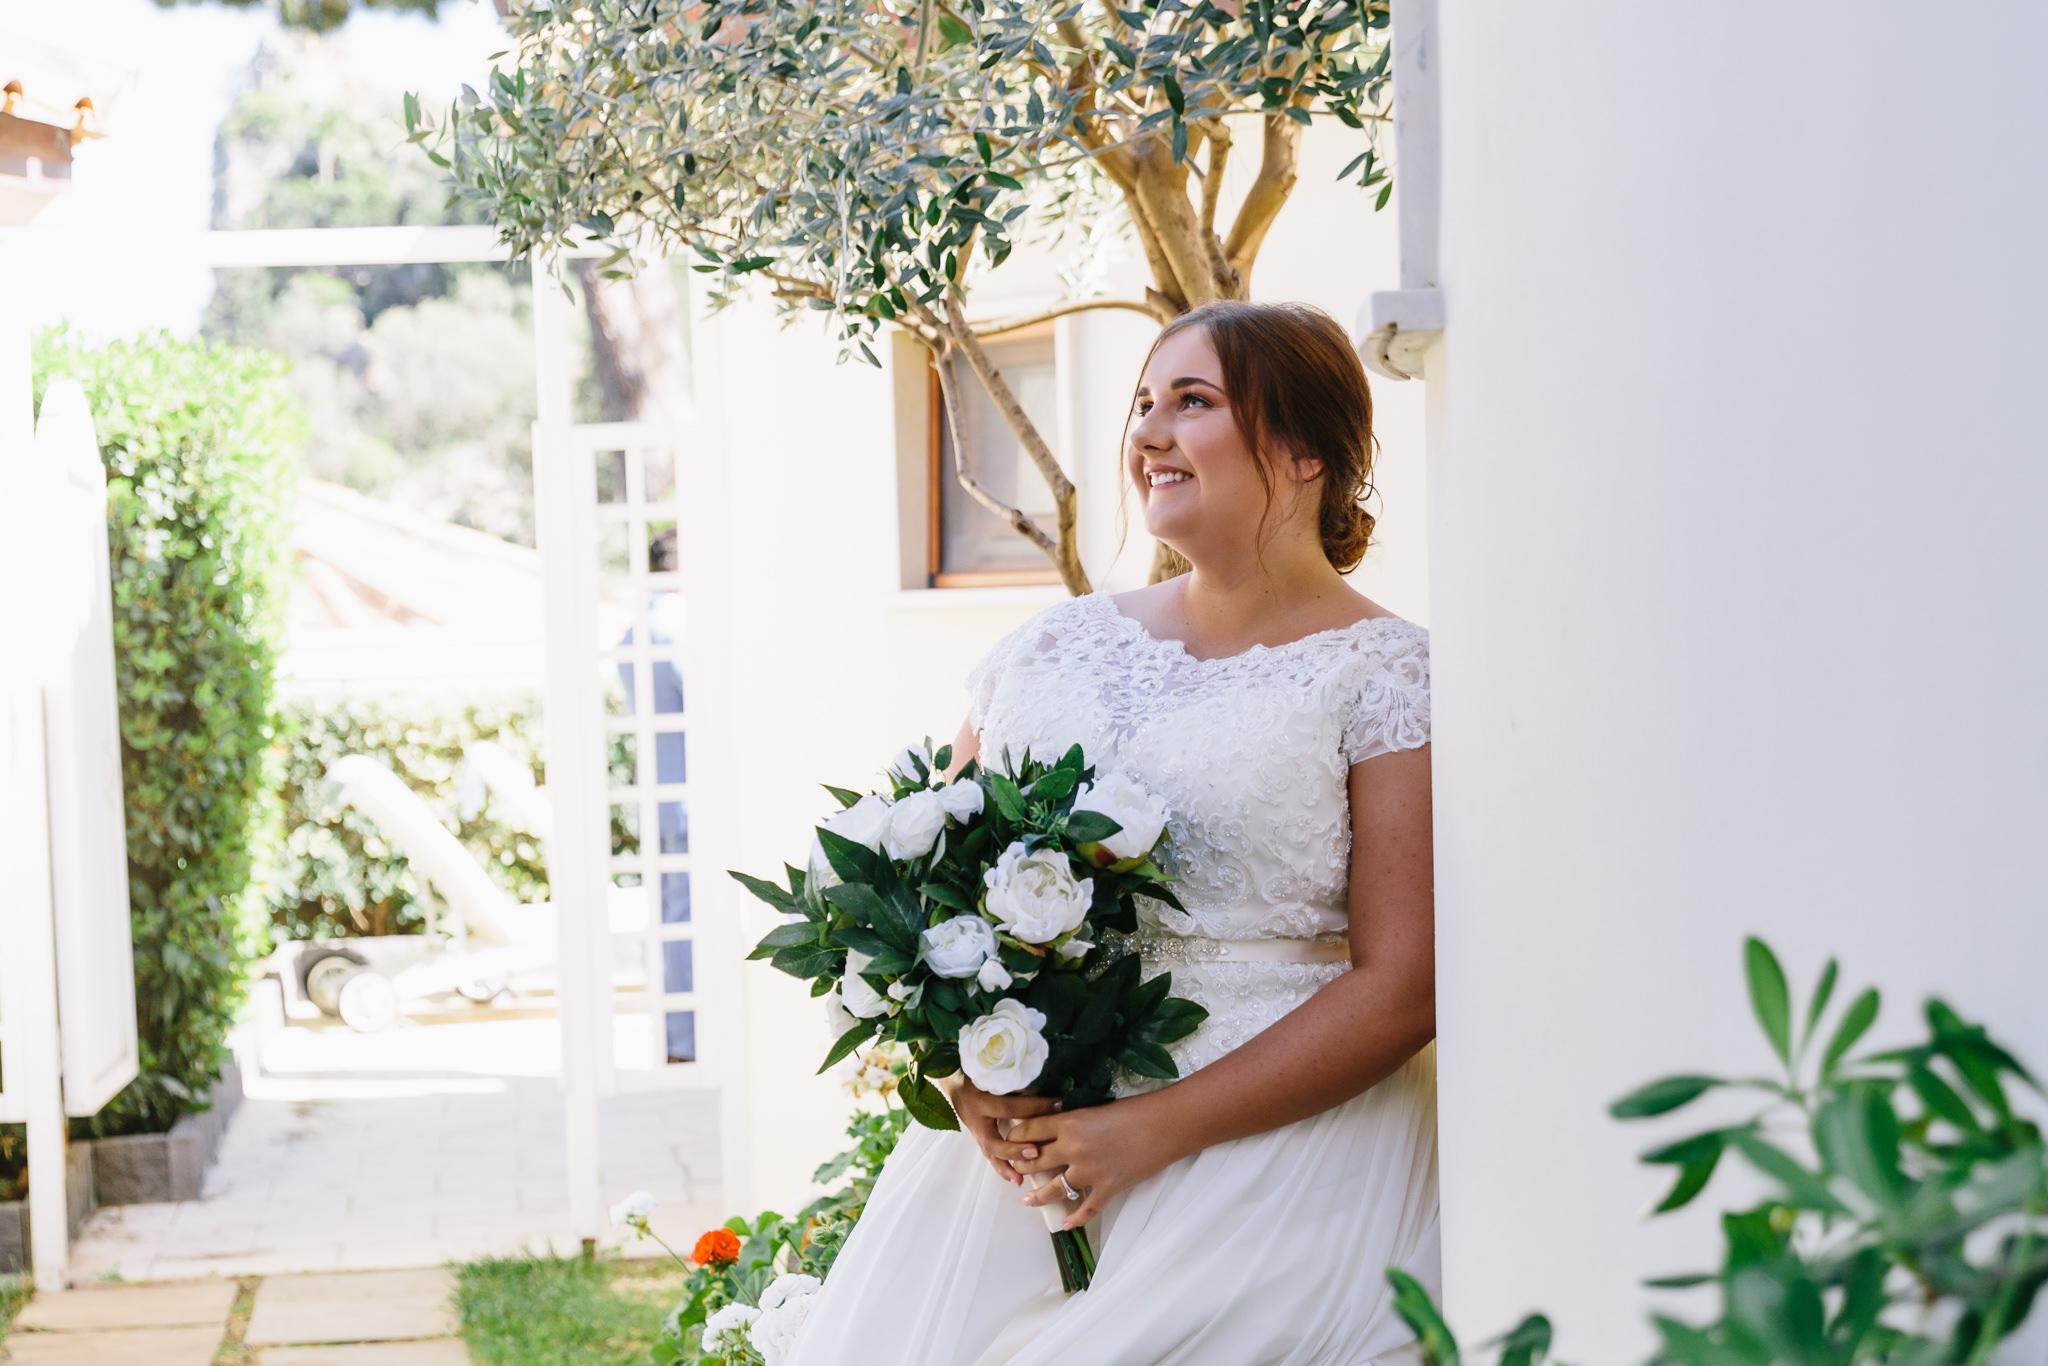 031-2019-04-27-Wedding-Michelle-e-Callum-5DE-370